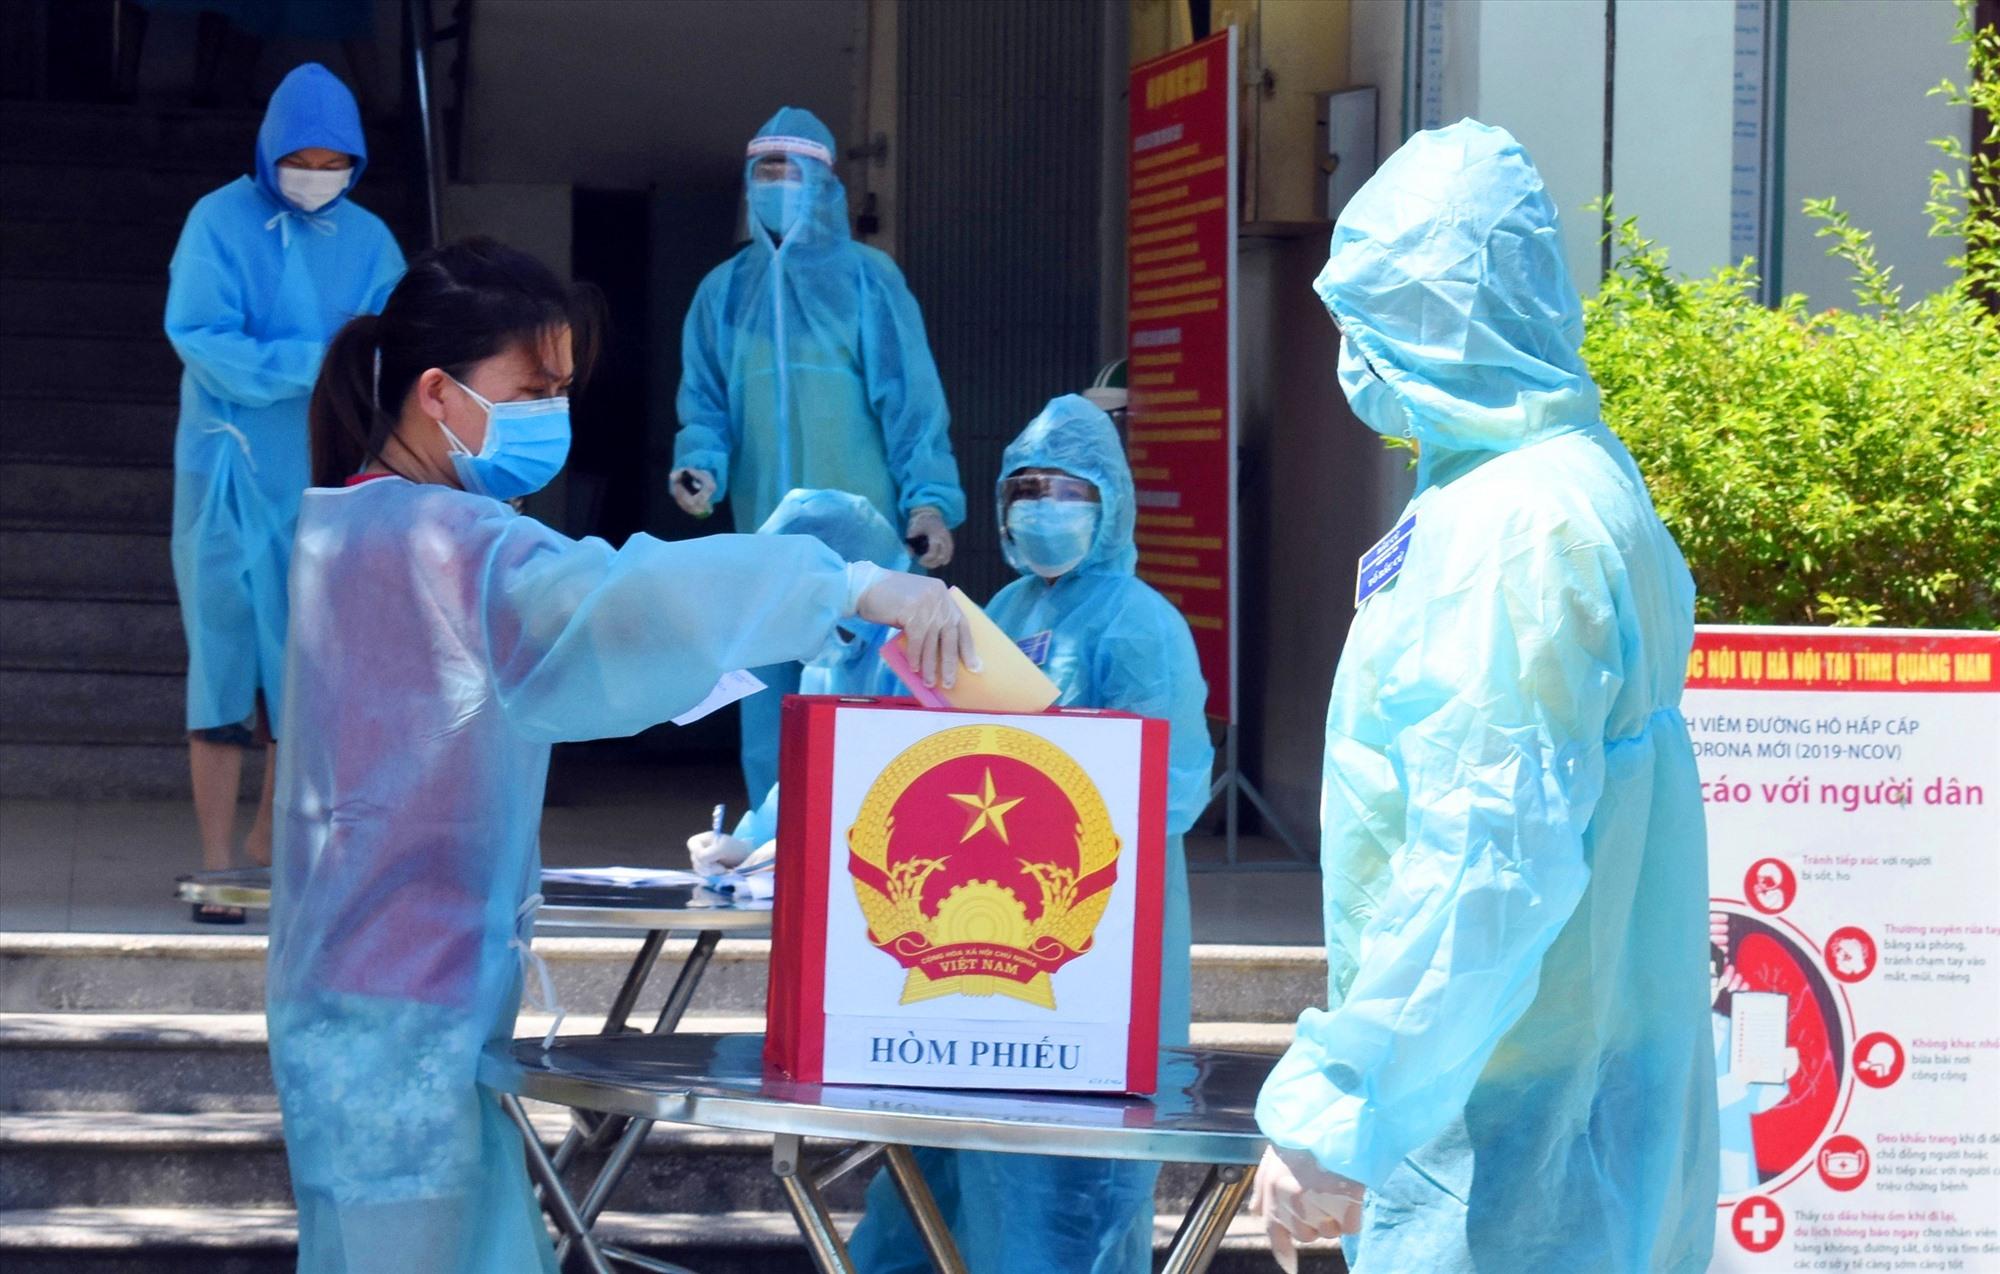 Cử tri bỏ phiếu tại khu cách ly Trường Đại học Nội vụ phân hiệu Quảng Nam.